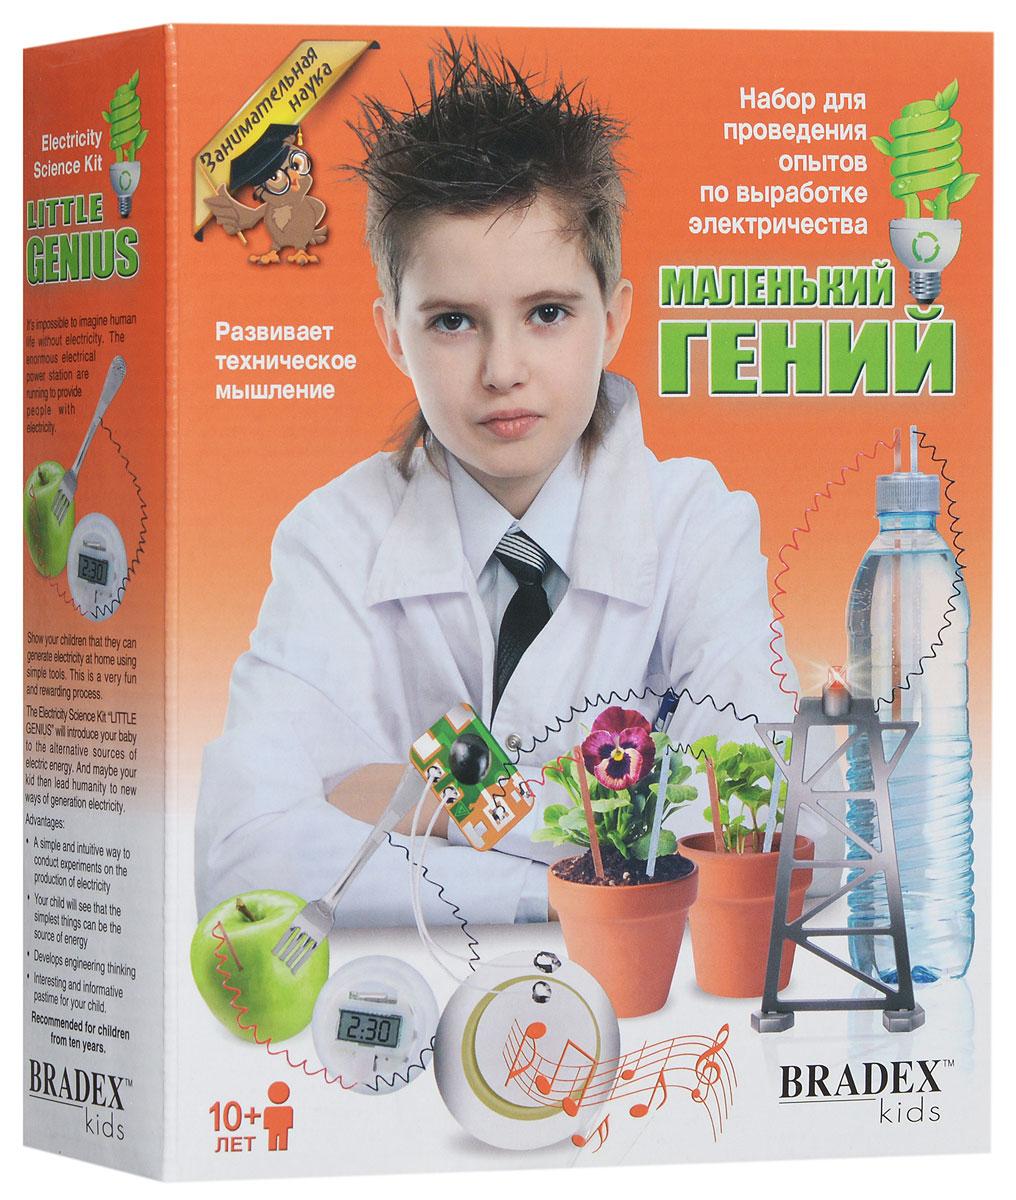 Bradex Набор для проведения опытов по выработке электричества Маленький гений